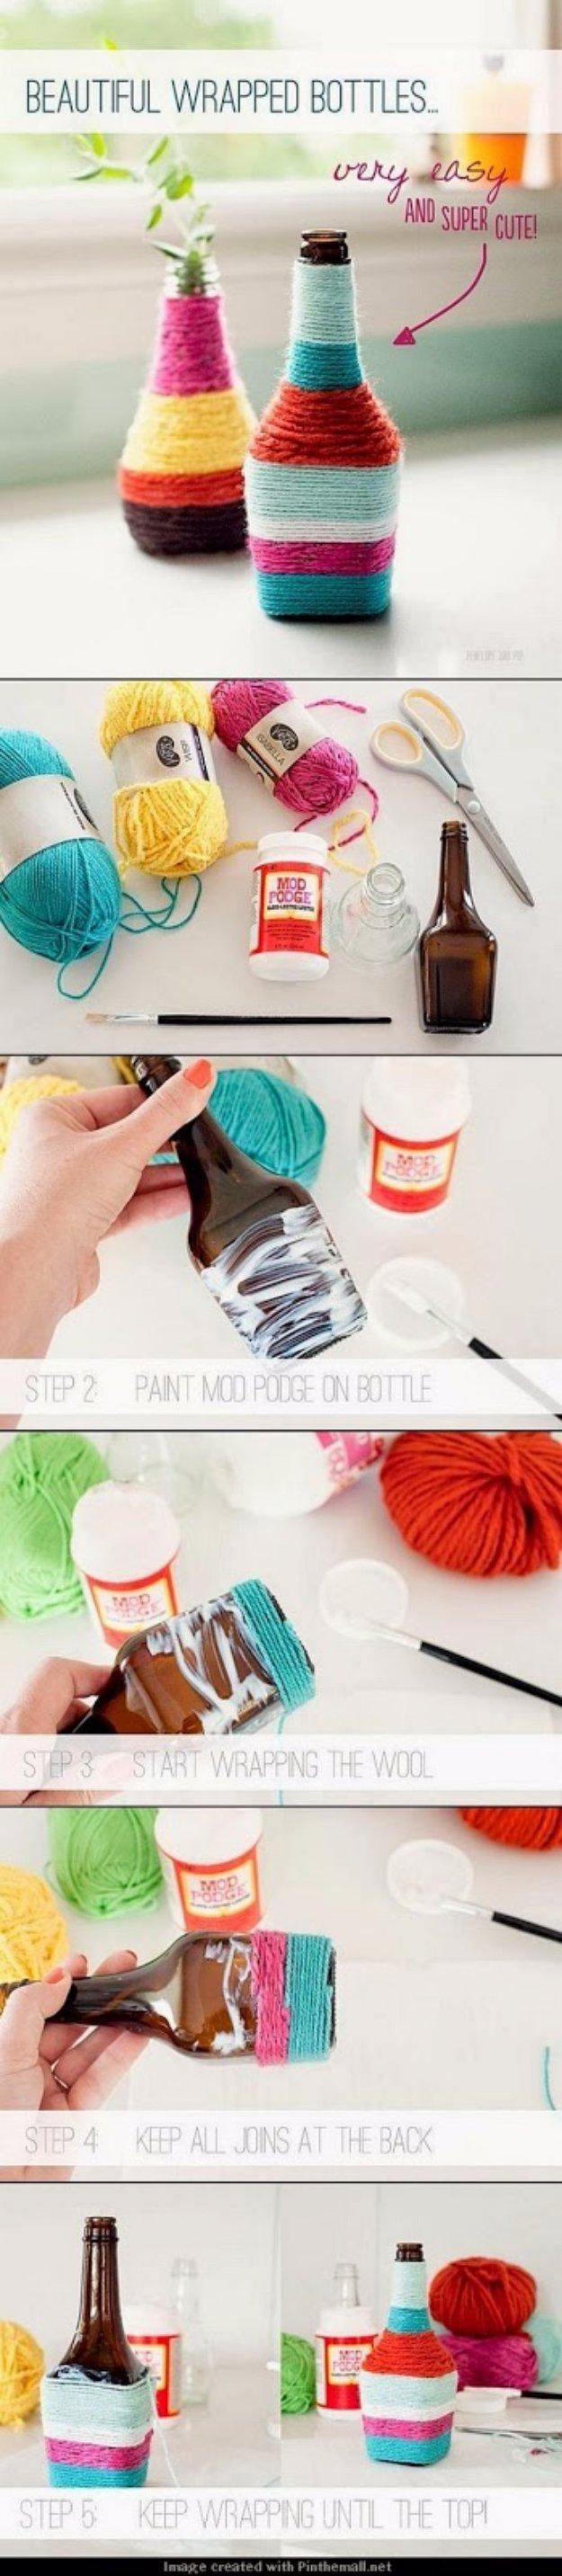 Beautiful-Wrapped-Bottles-DIY